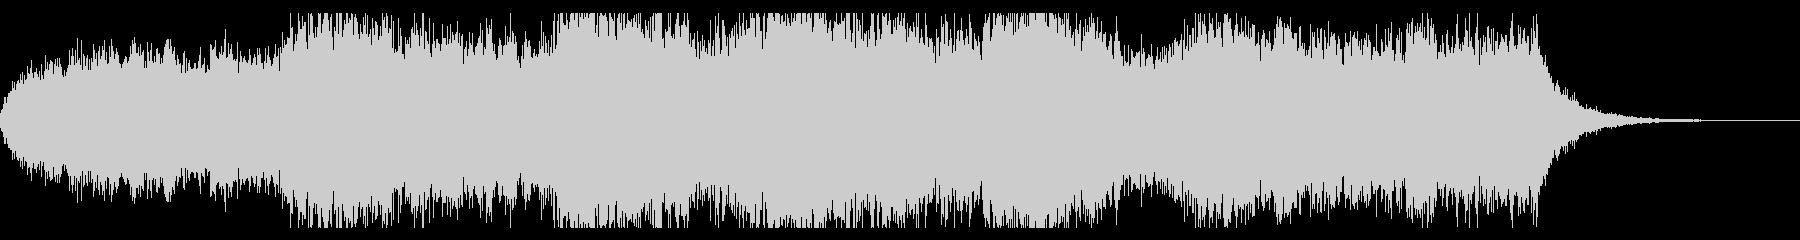 ダークファンタジーなオープニングBGMの未再生の波形